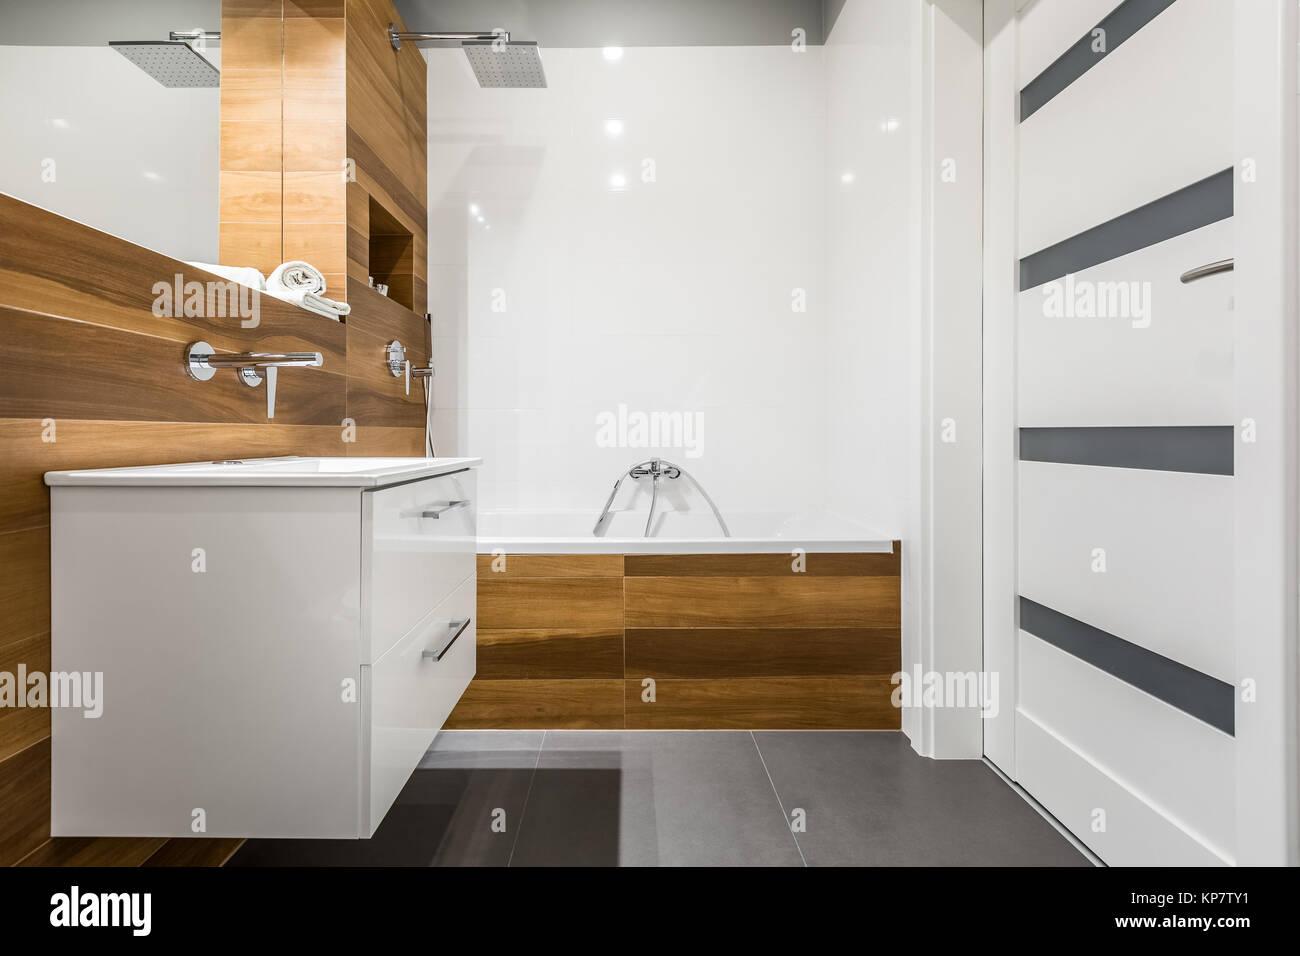 Modernes Bad Mit Fliesen, Weiße Tür Und Betonboden